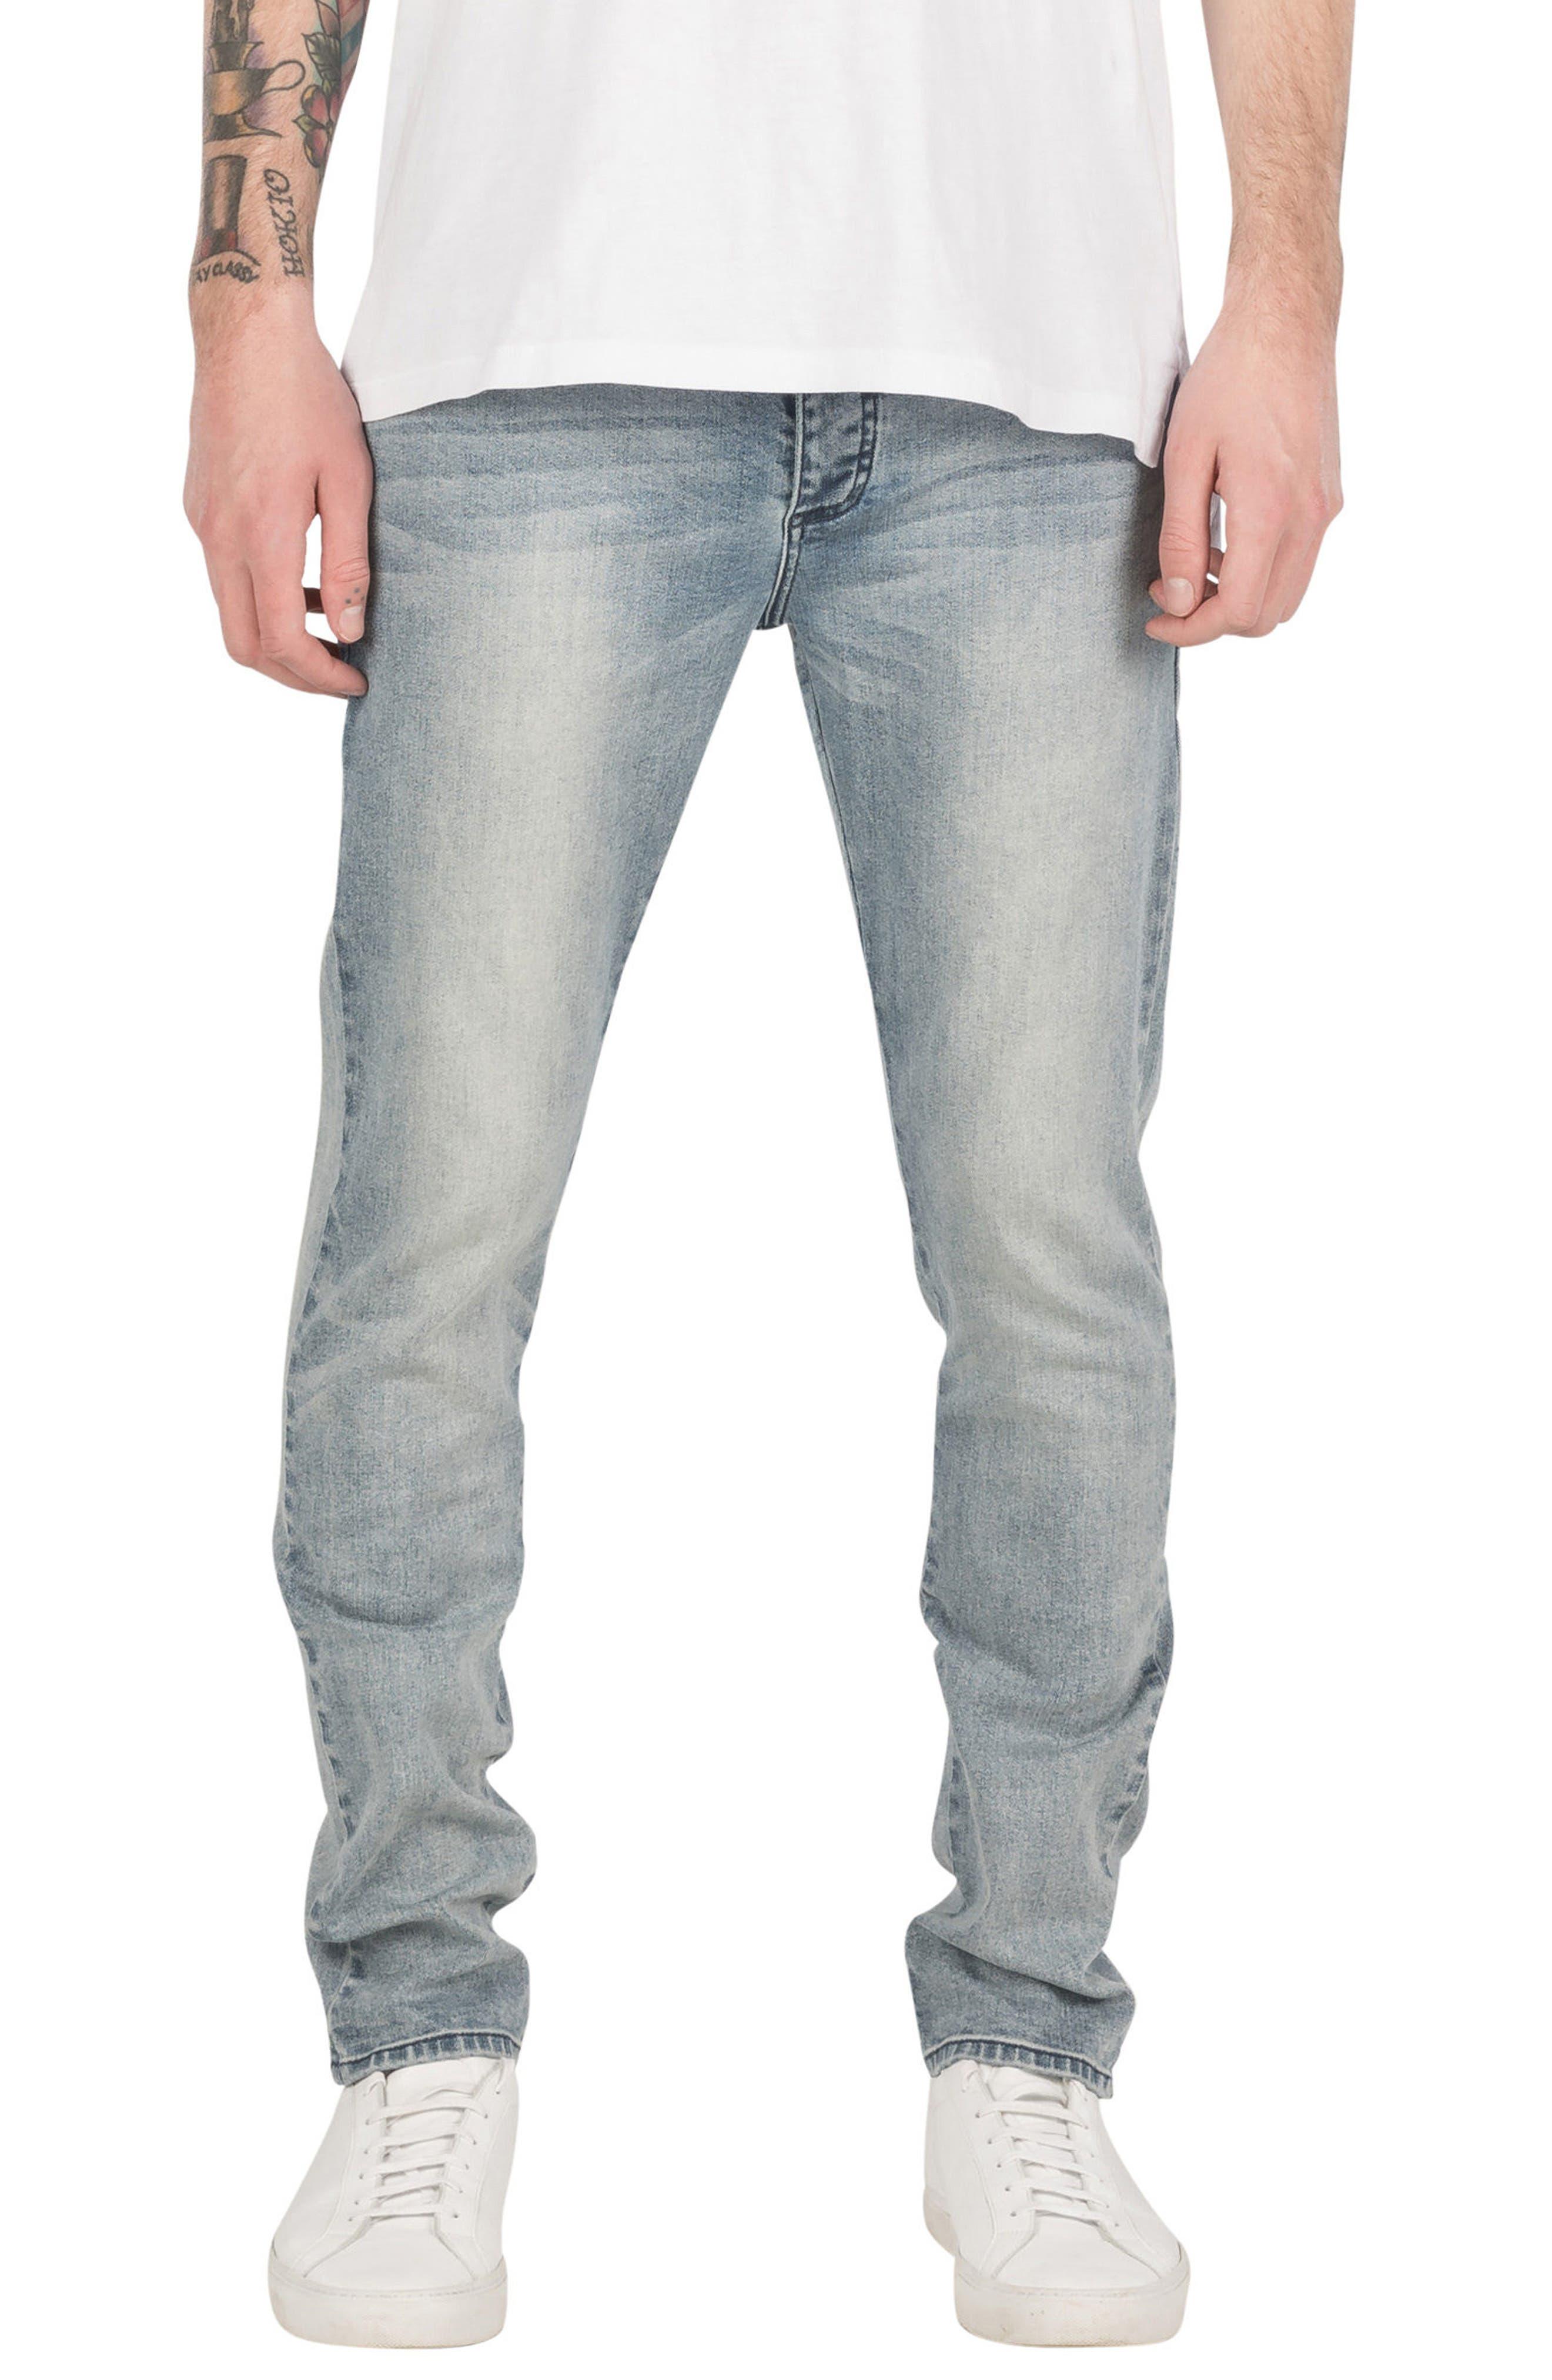 Joe Blow Jeans by Zanerobe